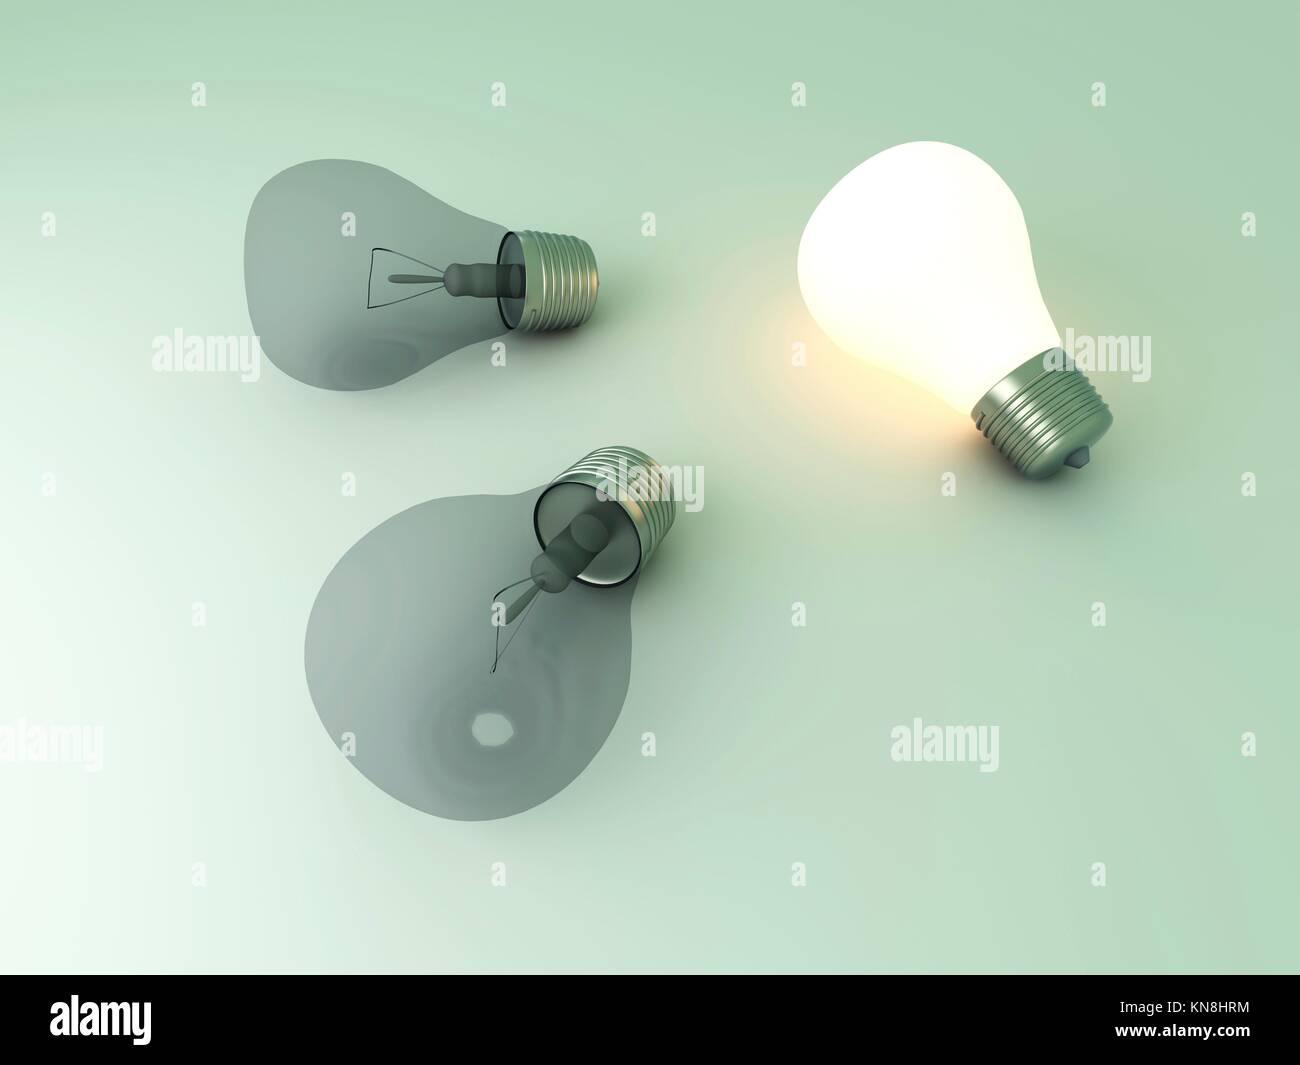 Lumière brillante et une lampe témoin entre autres. Rendu 3D Illustration. Photo Stock